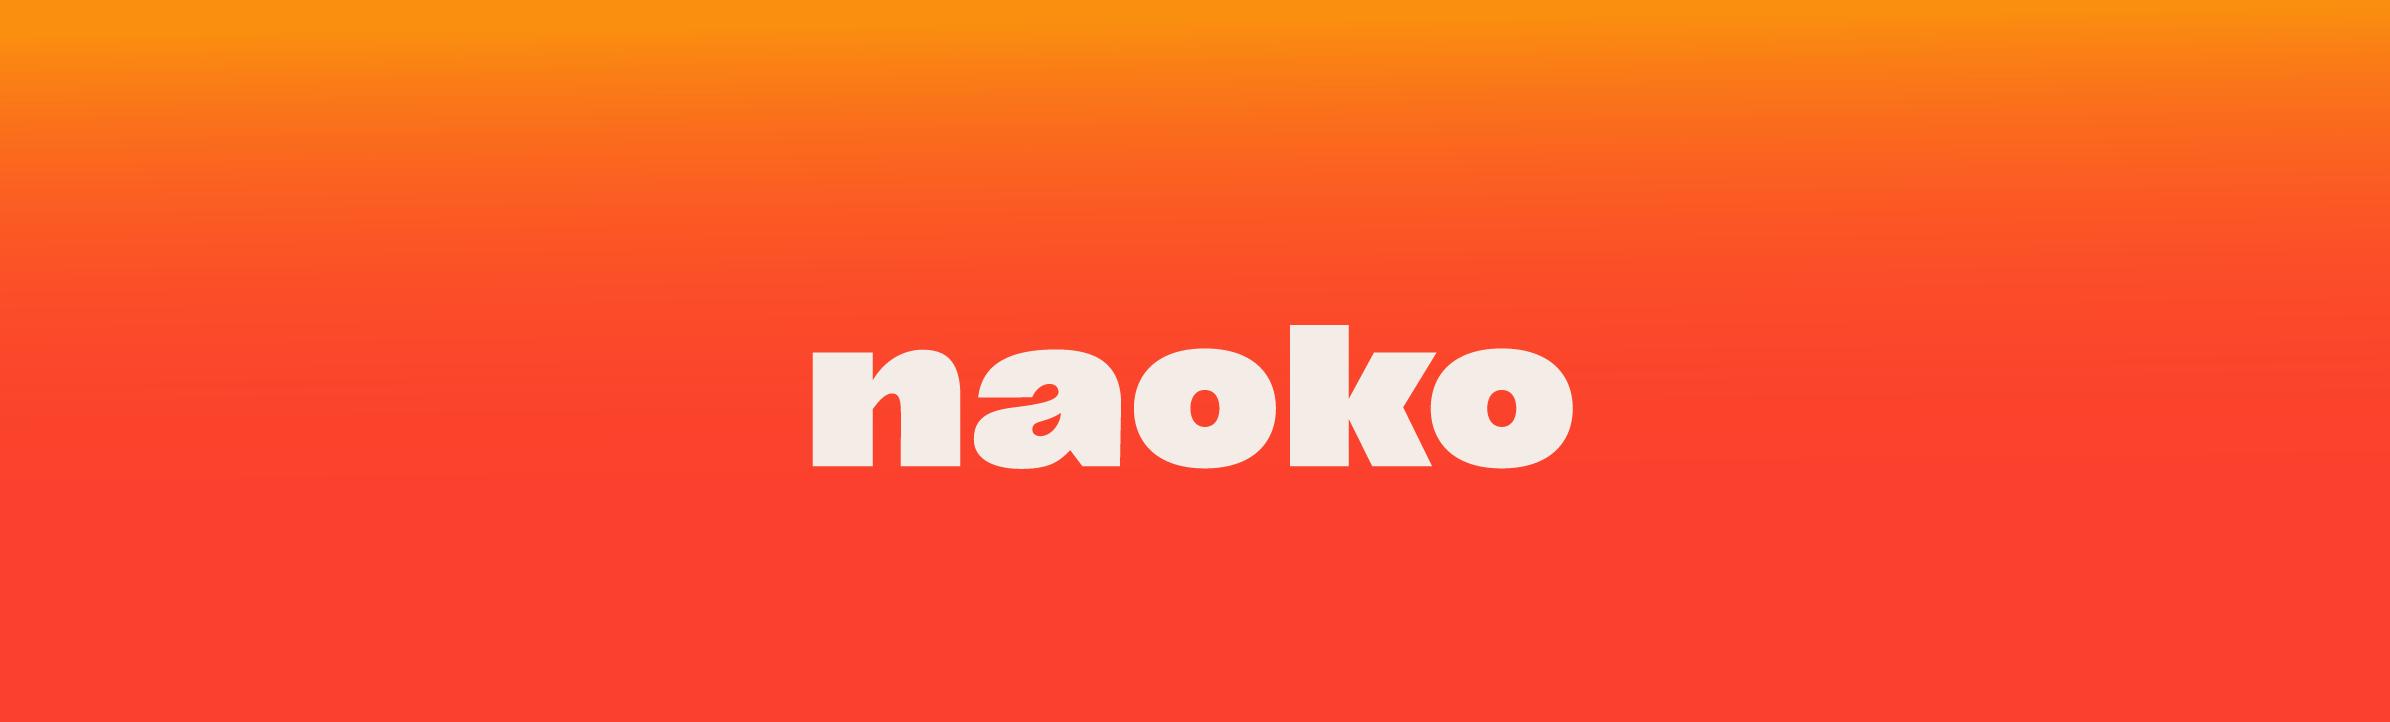 Naoko Font